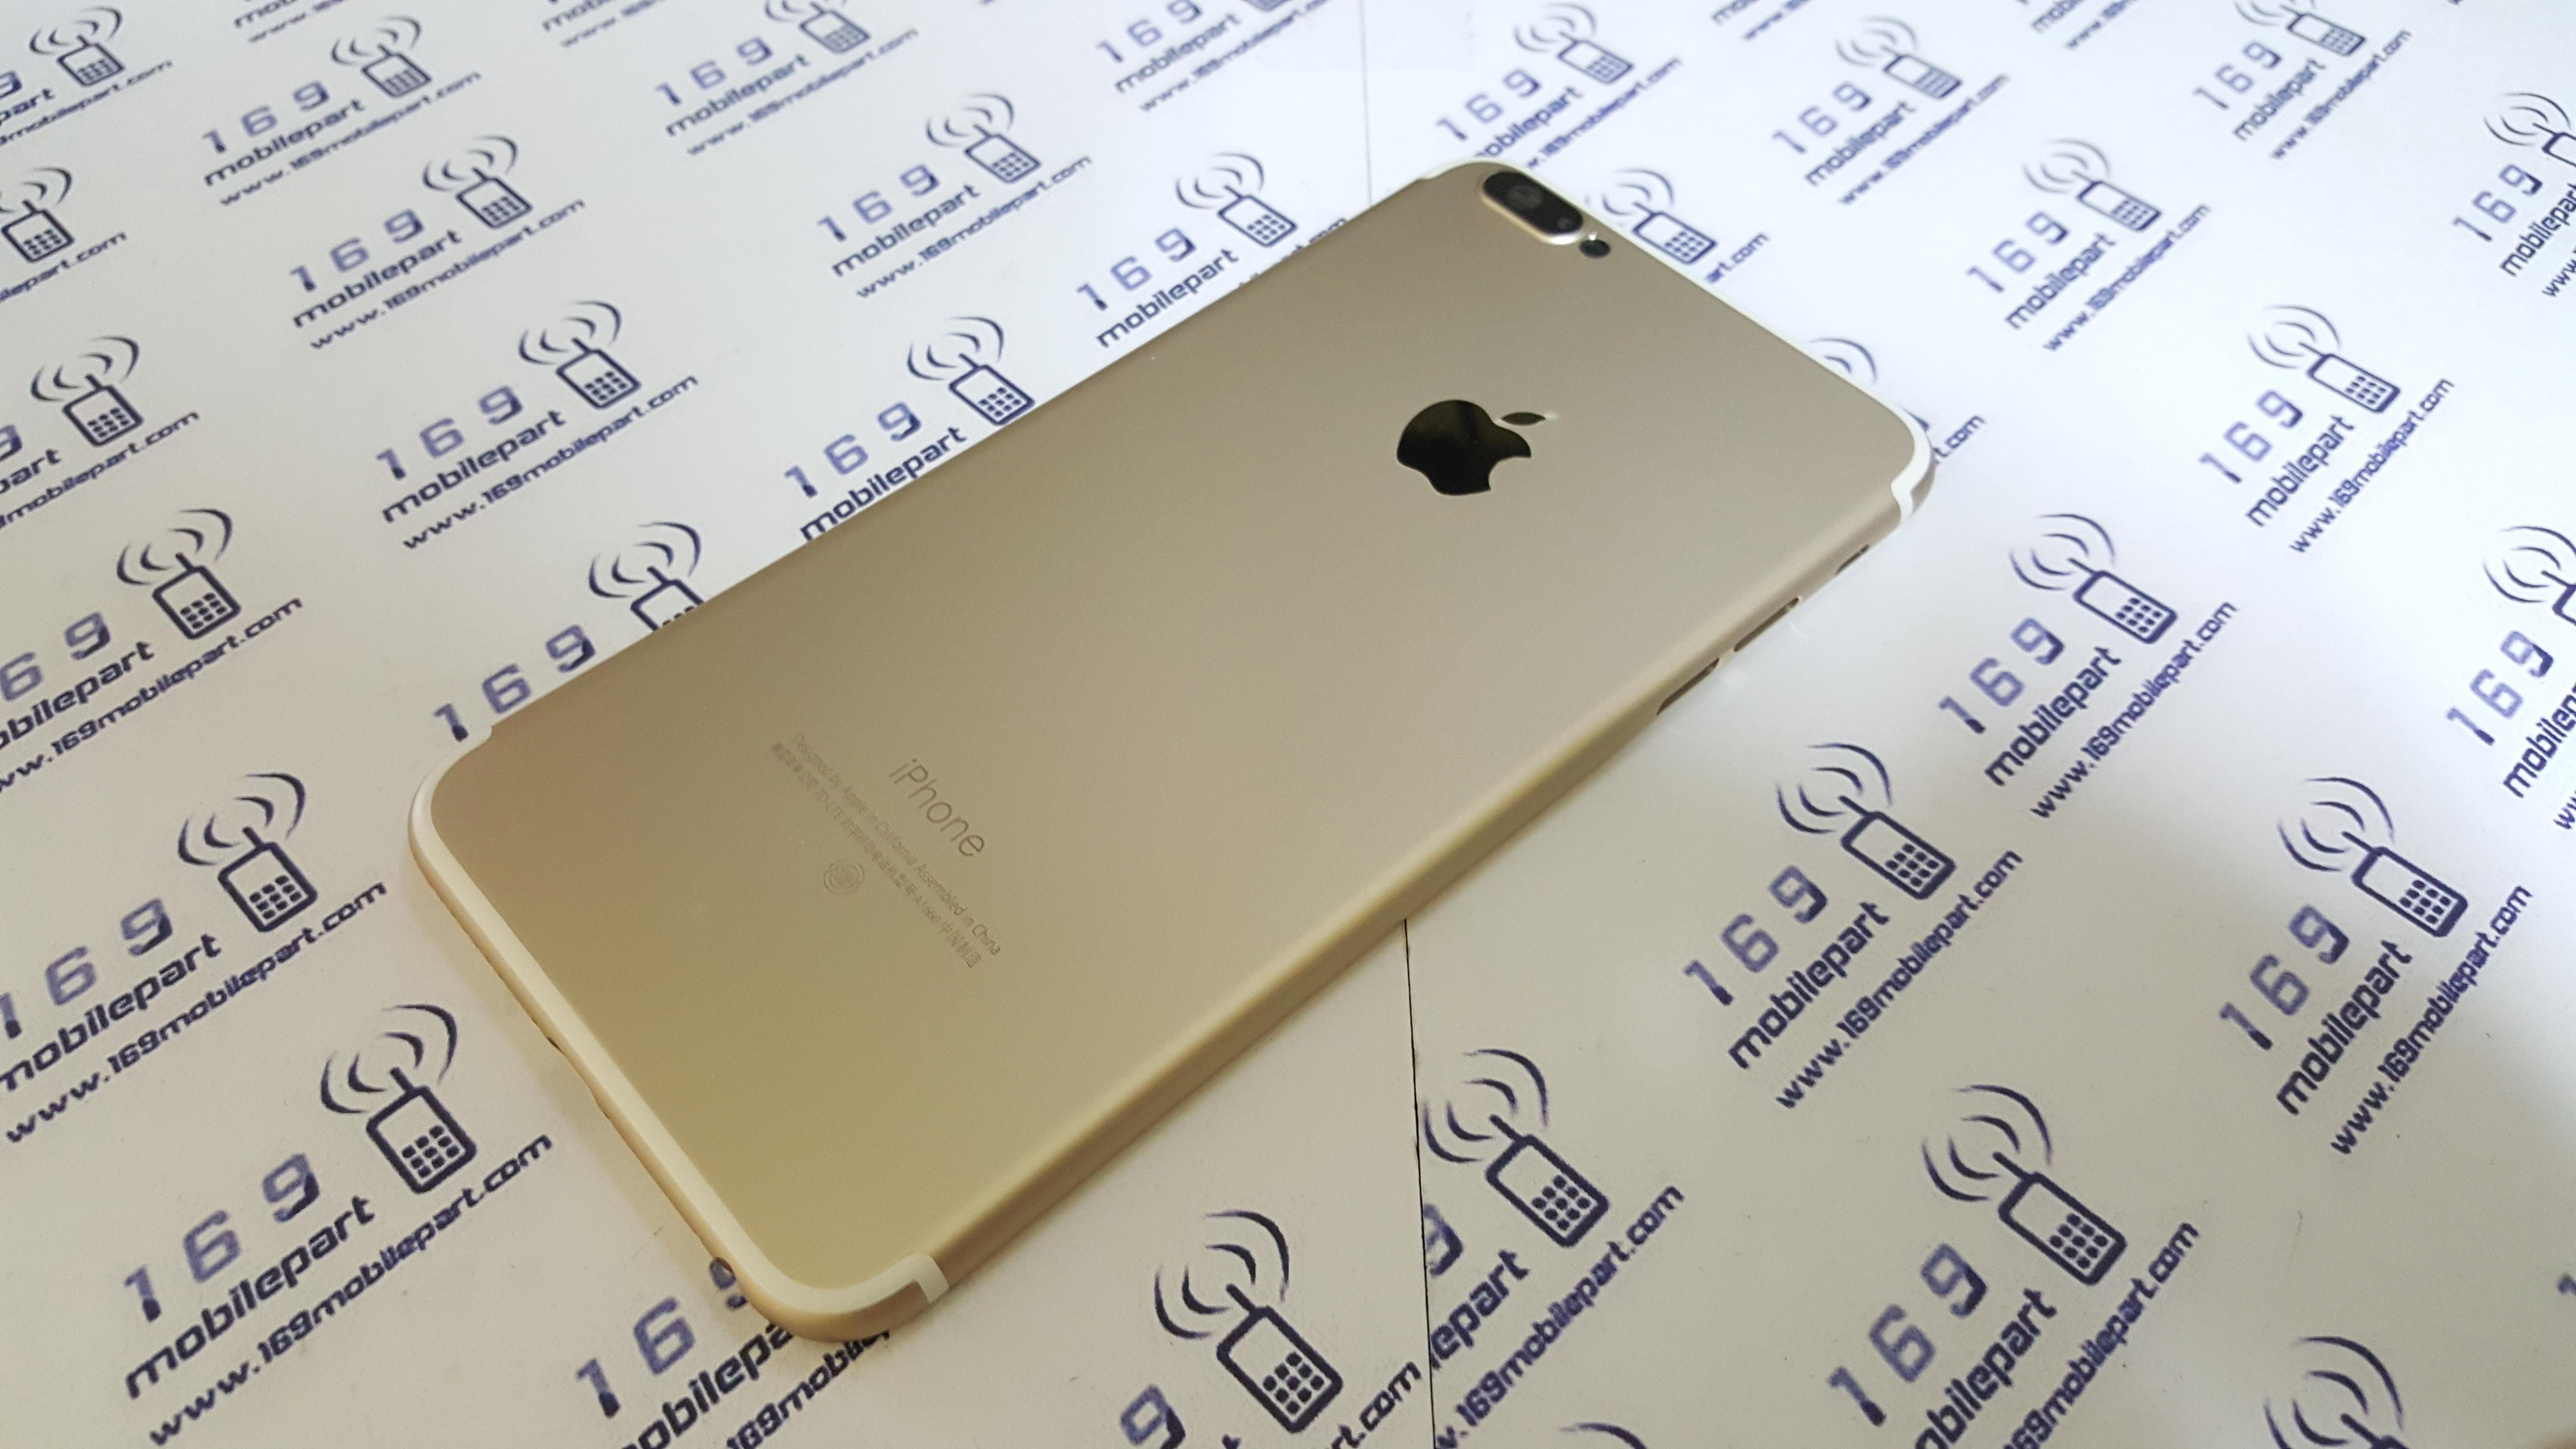 บอดี้ iPhone 6 Plus แปลง i7 Plus สีทอง